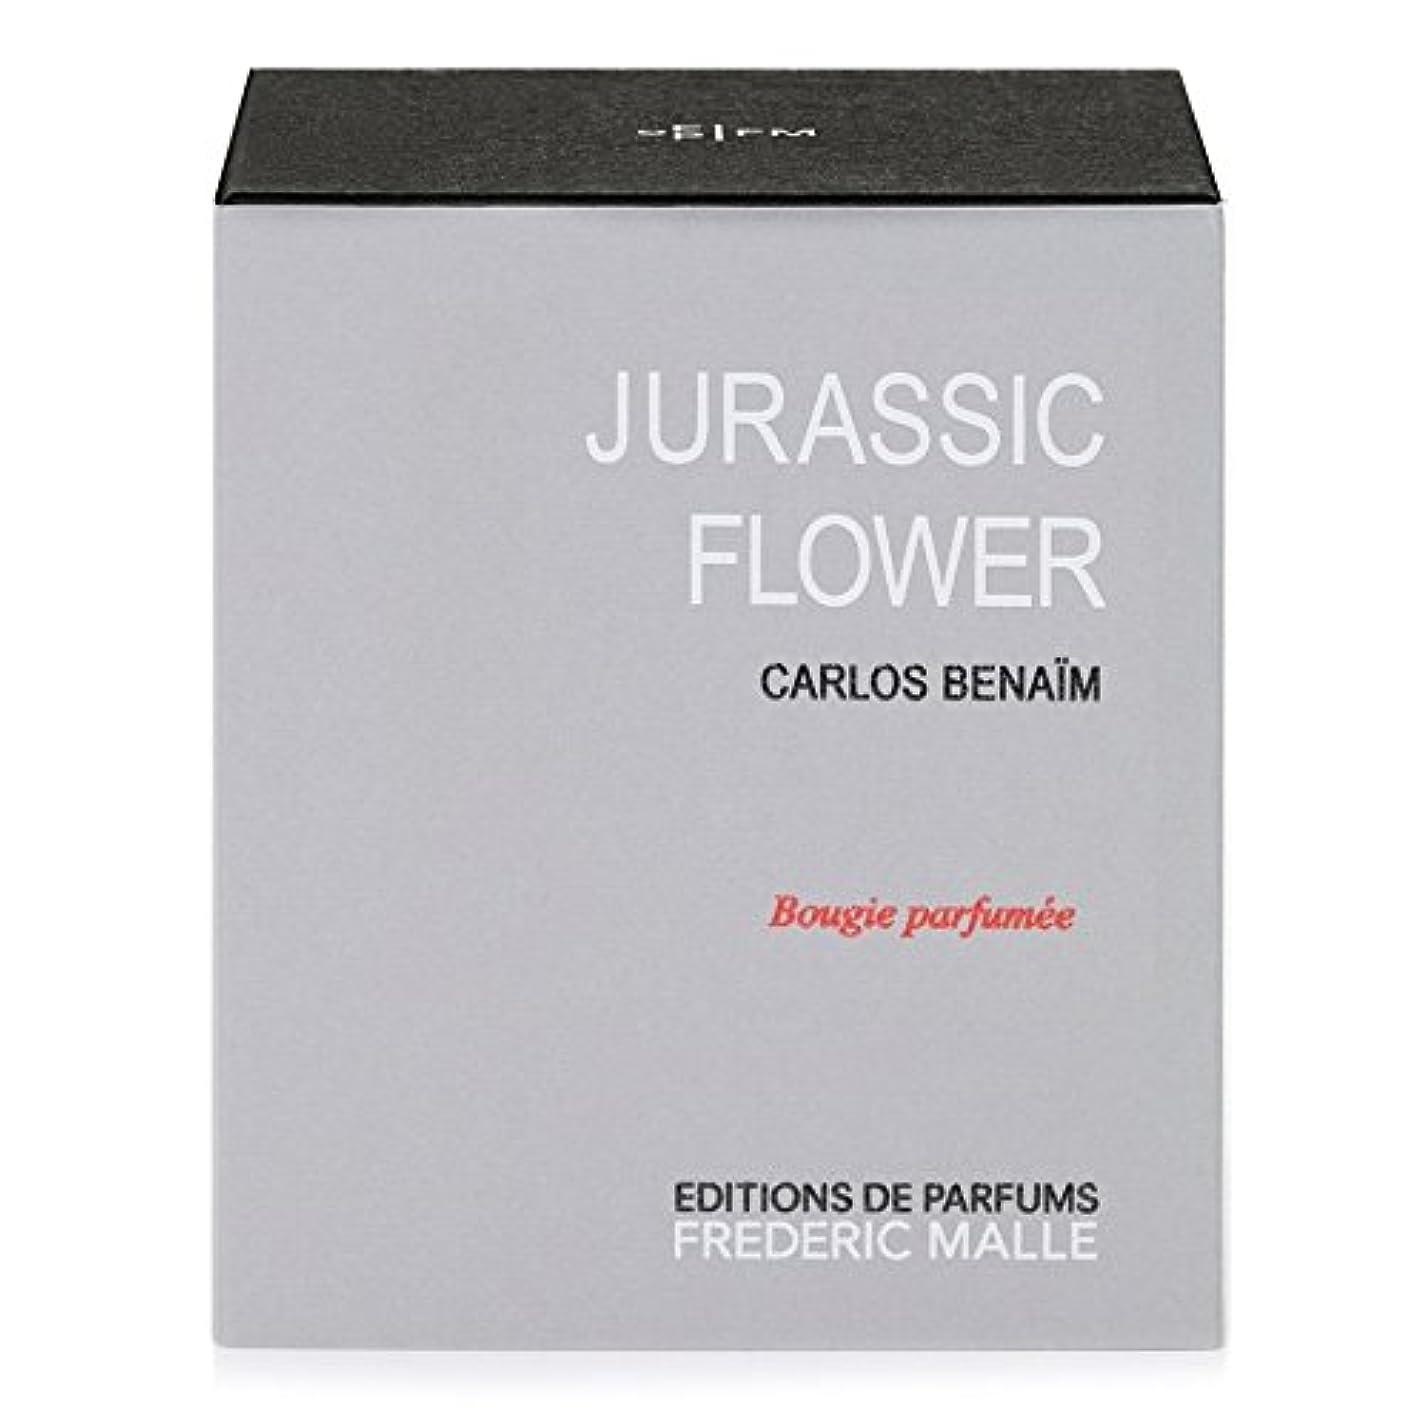 Frederic Malle Jurassic Flower Scented Candle 220g (Pack of 2) - フレデリック?マルジュラ紀の花の香りのキャンドル220グラム x2 [並行輸入品]